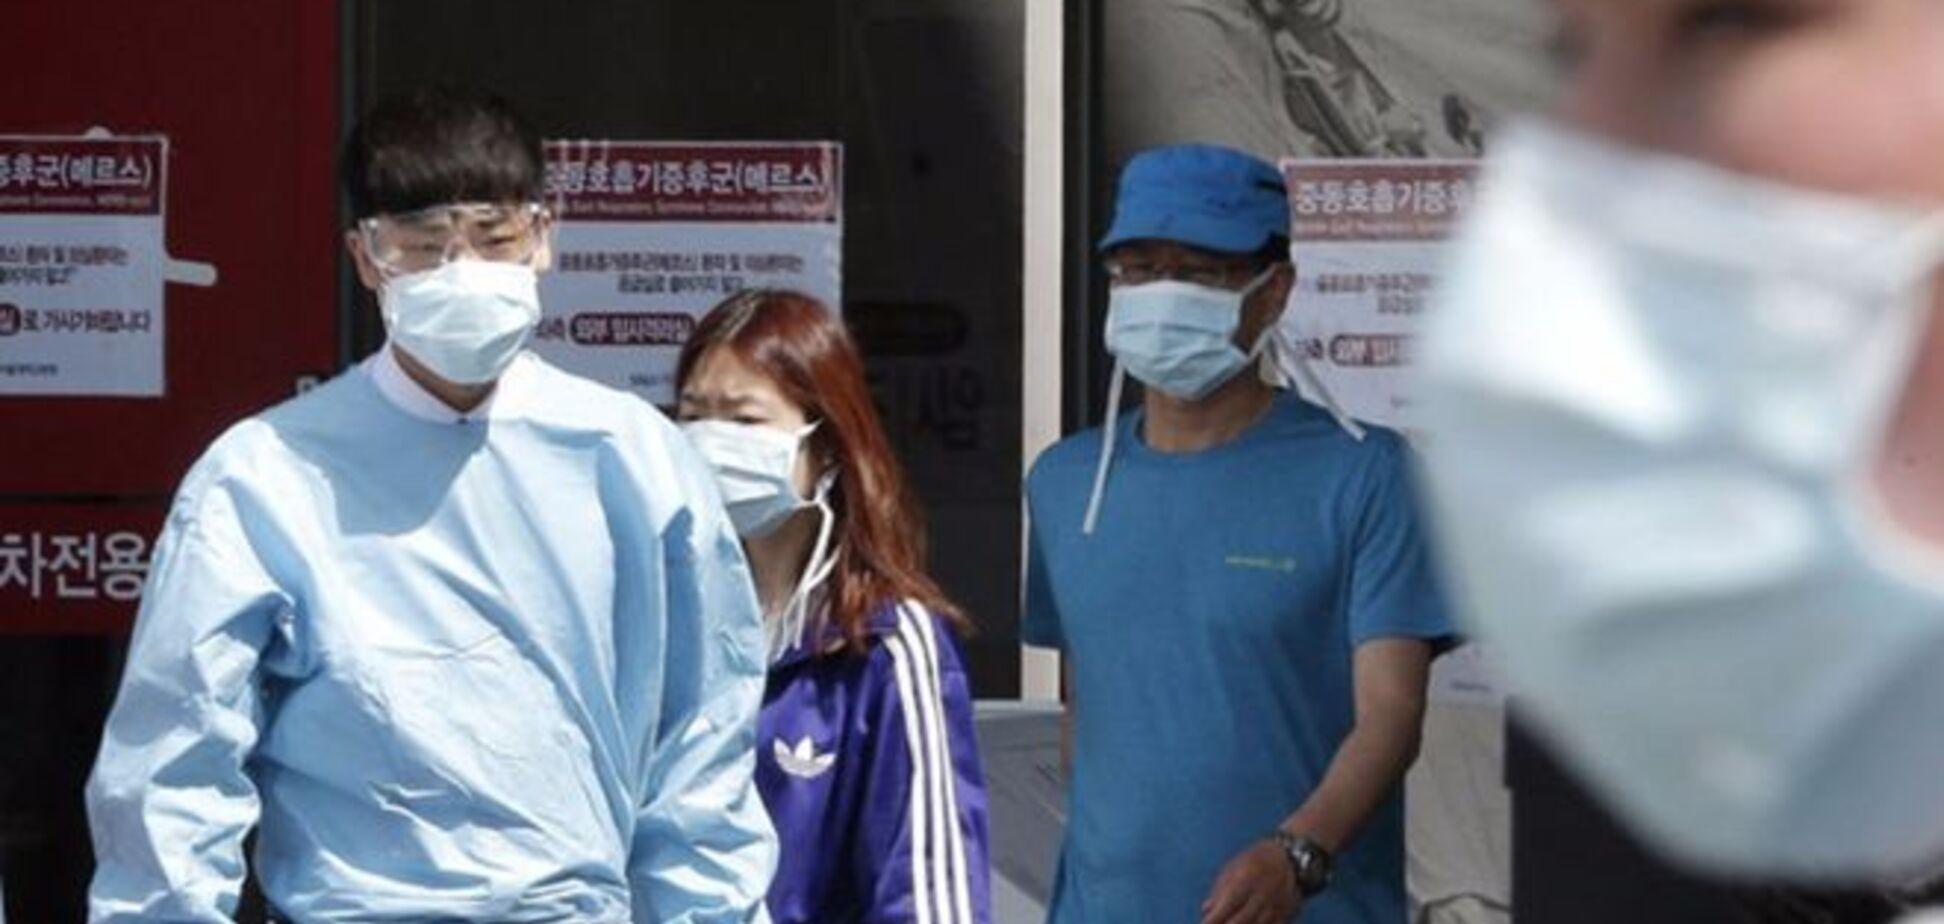 Смертельный вирус MERS в Южной Корее распространили врачи